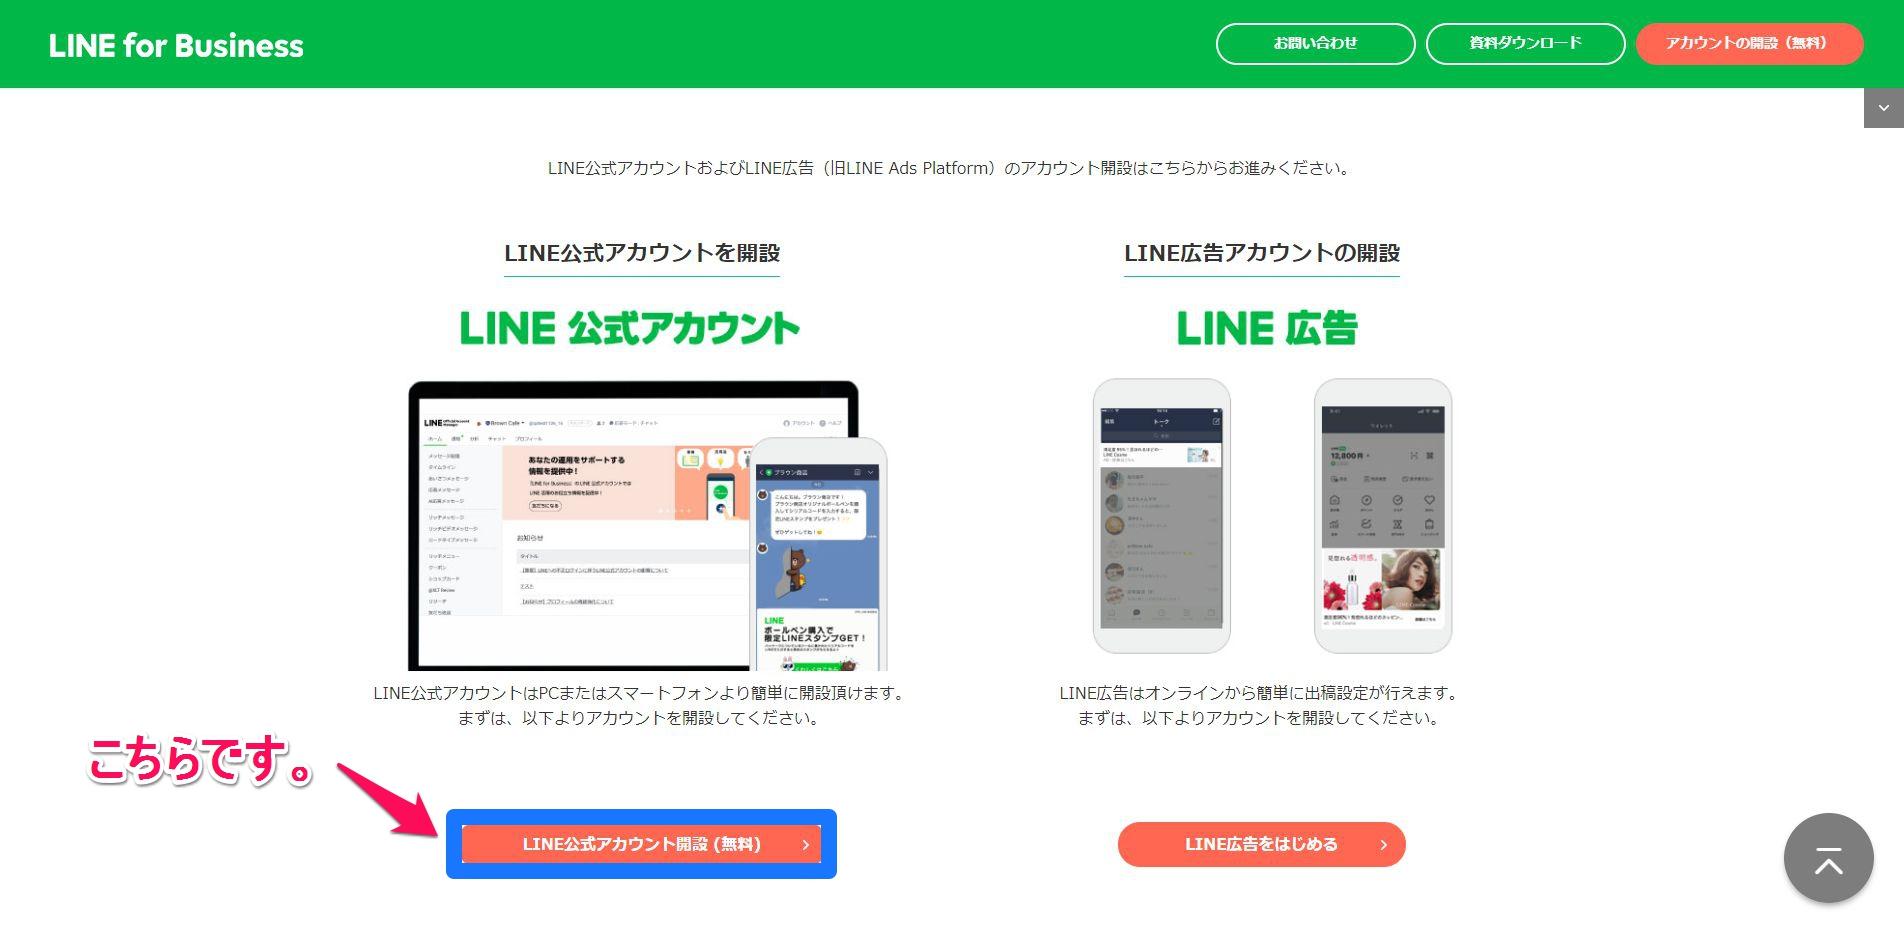 左側にある【LINE公式アカウント開設(無料)】をクリックする画像